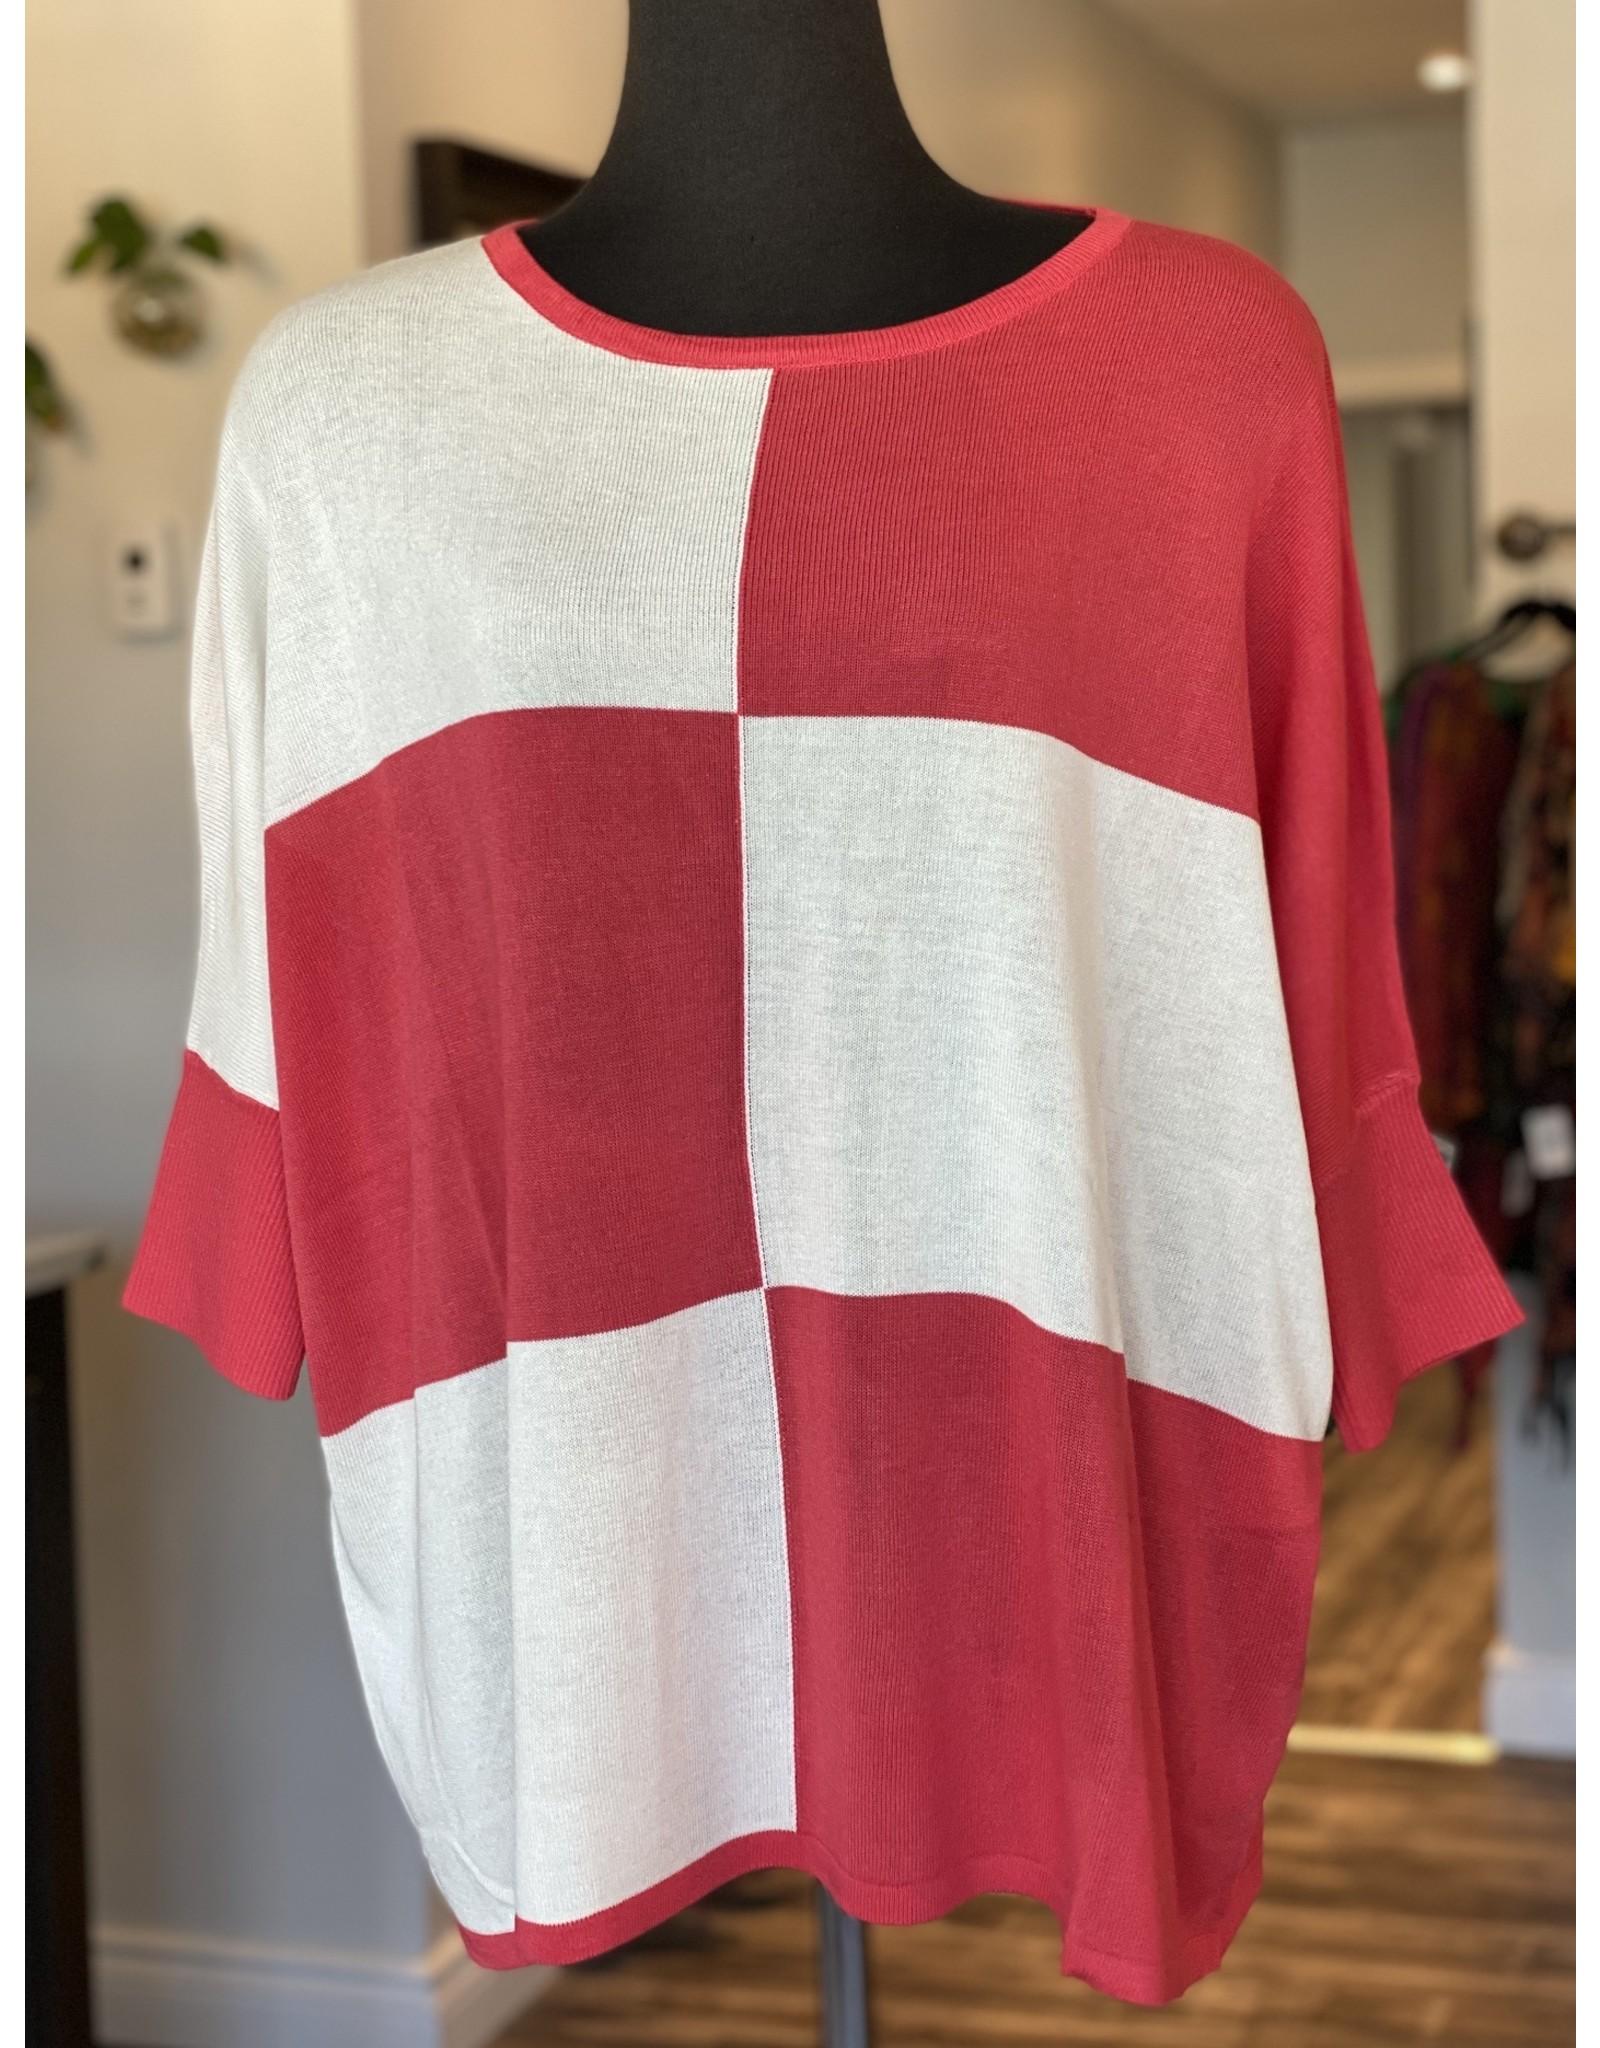 Orange Sweater - Coral & White